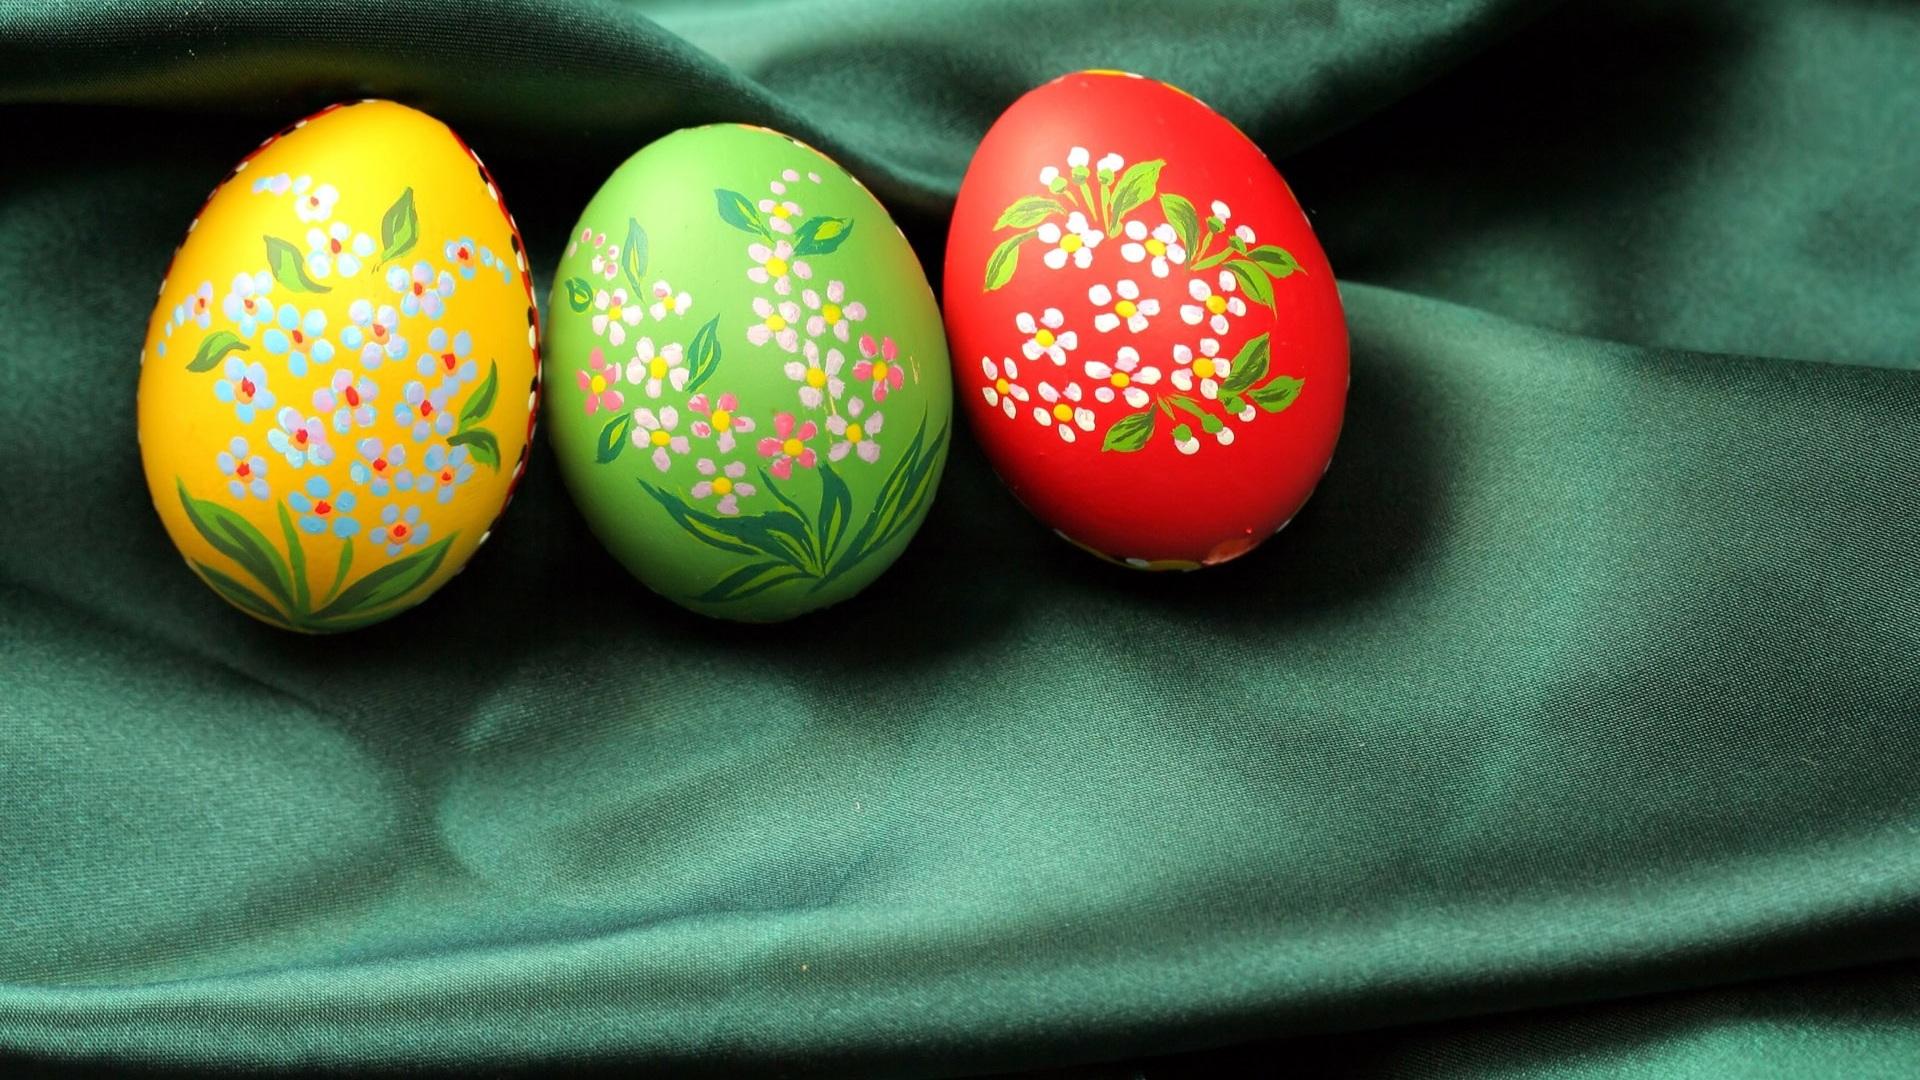 Easter egg artistic Wallpaper 1920x1080 Full HD 1920x1080